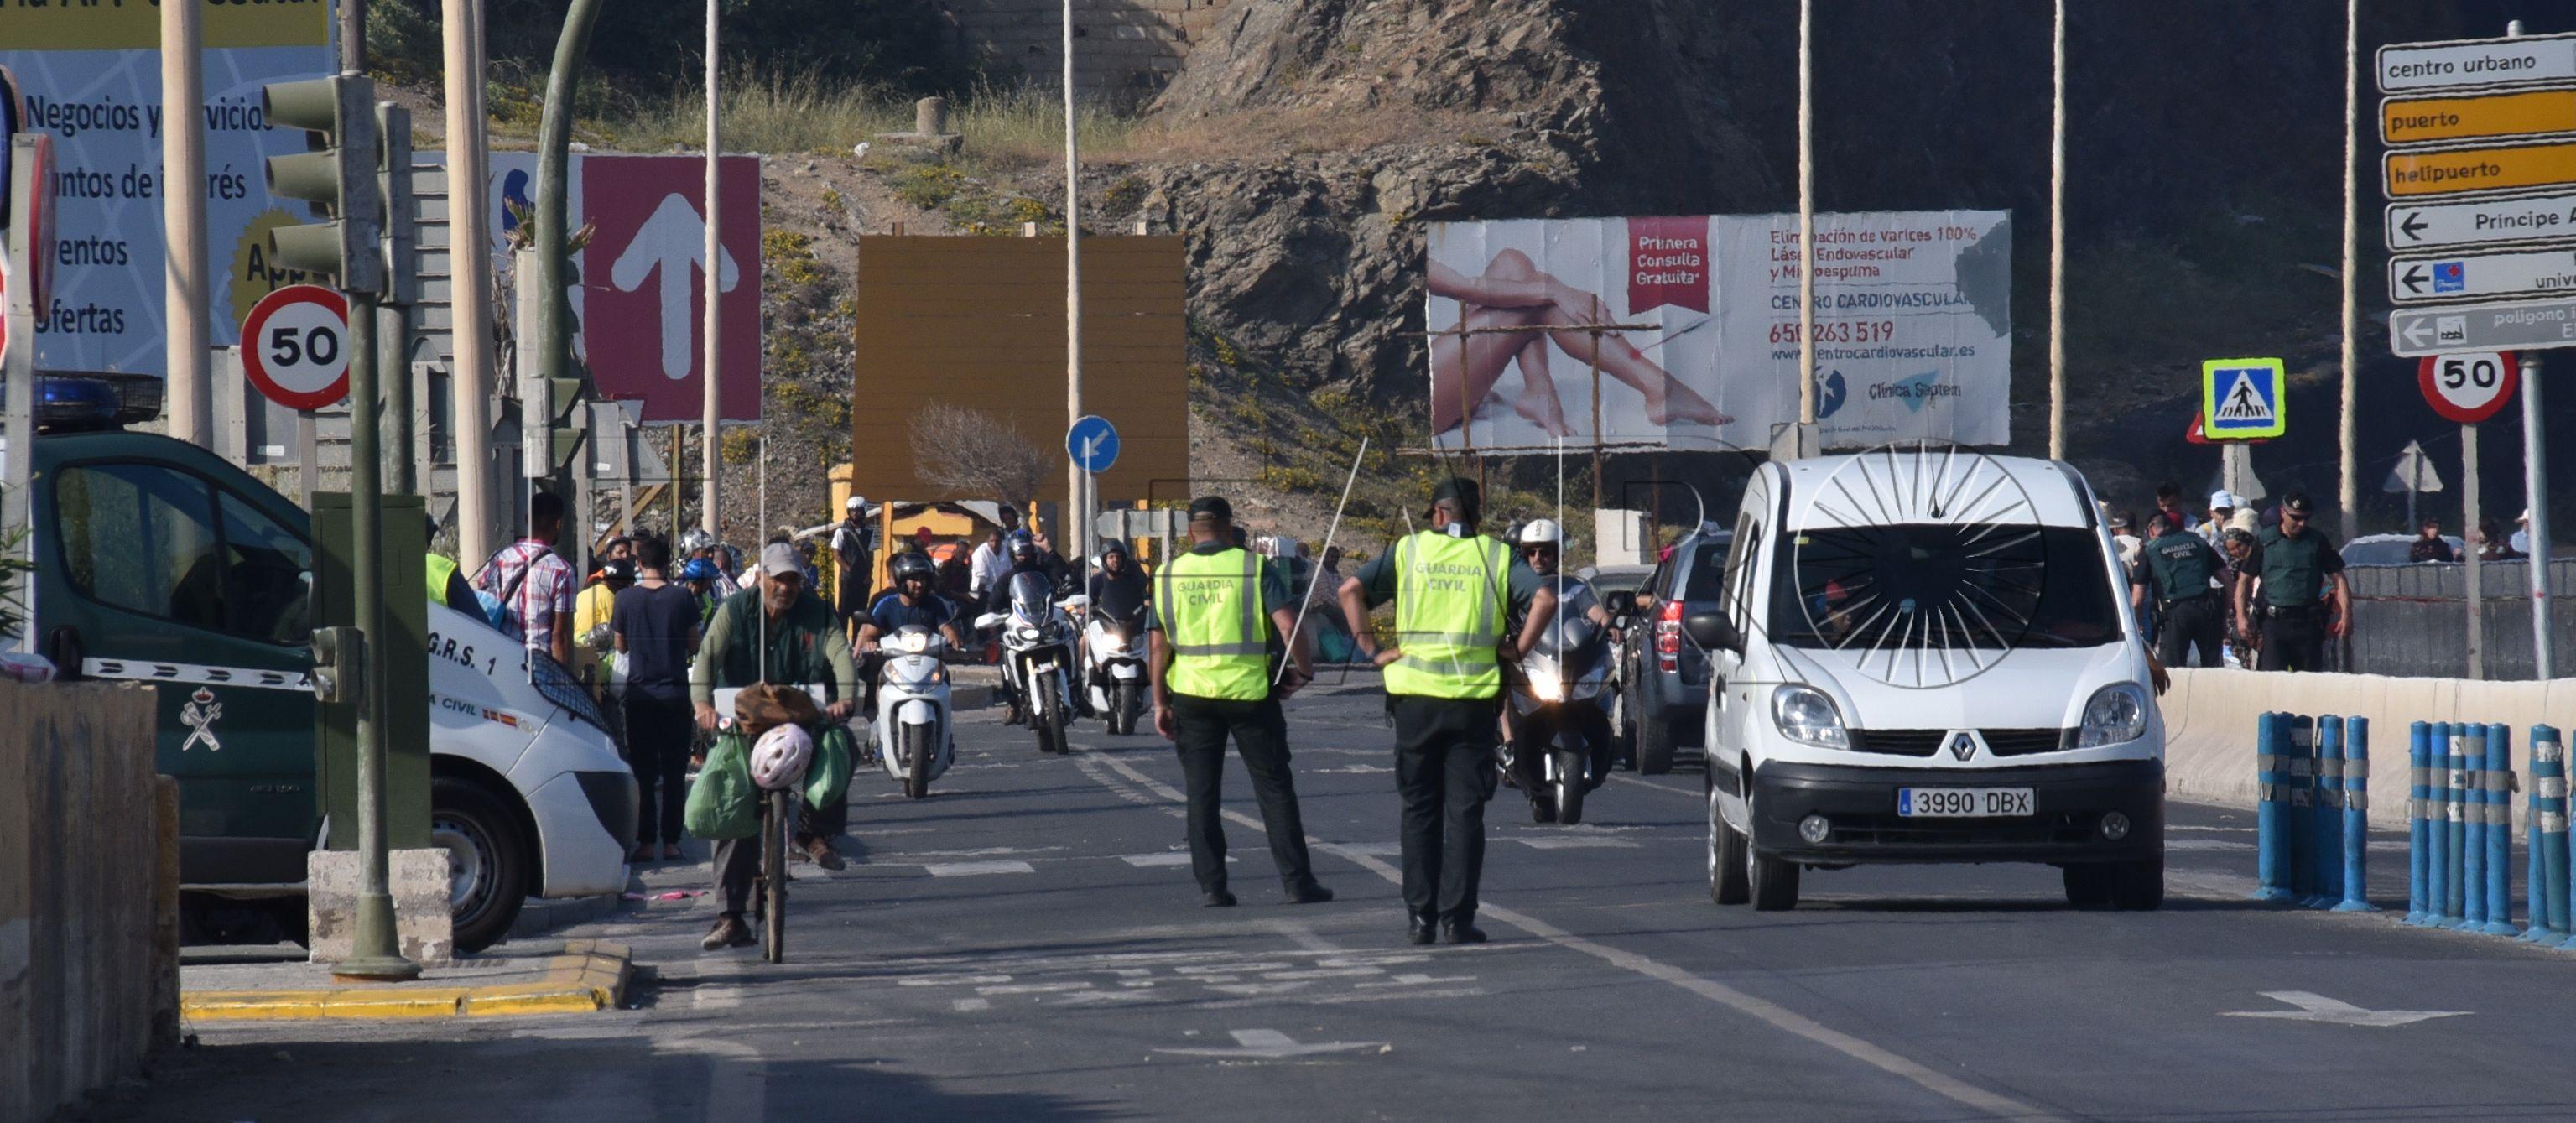 """""""Los guardias civiles están 8 horas regulando el tráfico y sin relevo"""""""